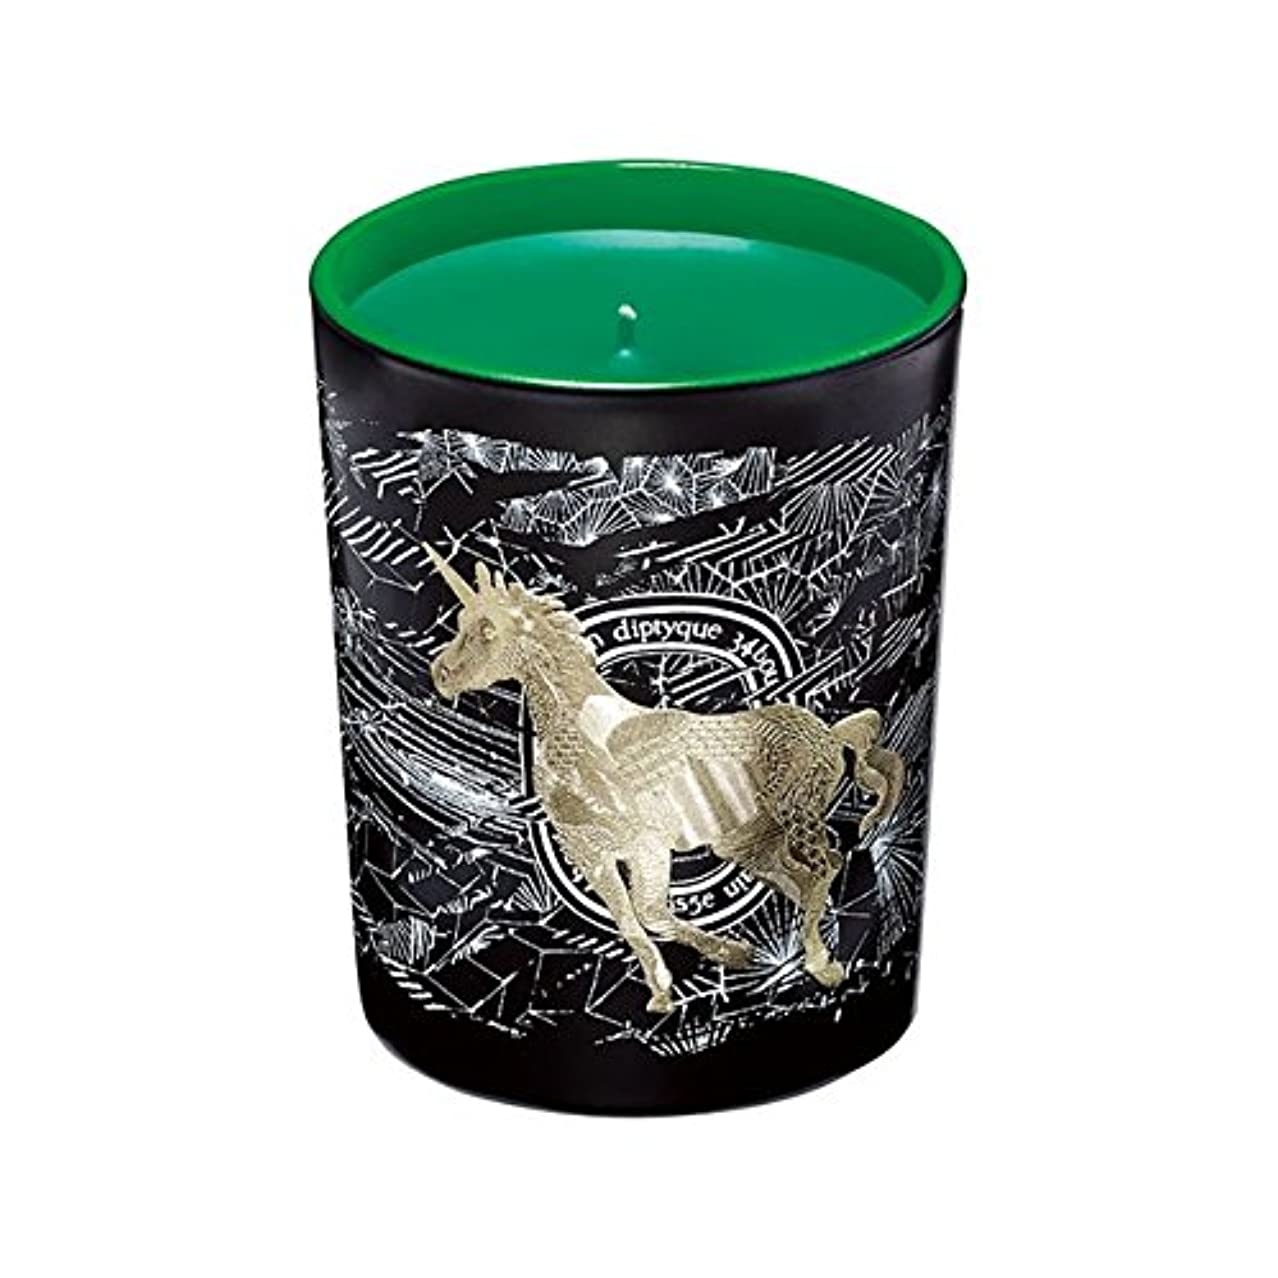 誘導奪うたぶんDiptyque Cosmic Seasonal Scented Candle Holiday Limited Edition – フロストフォレスト( Foret Givree )グリーンユニコーン – 6.5 Oz...